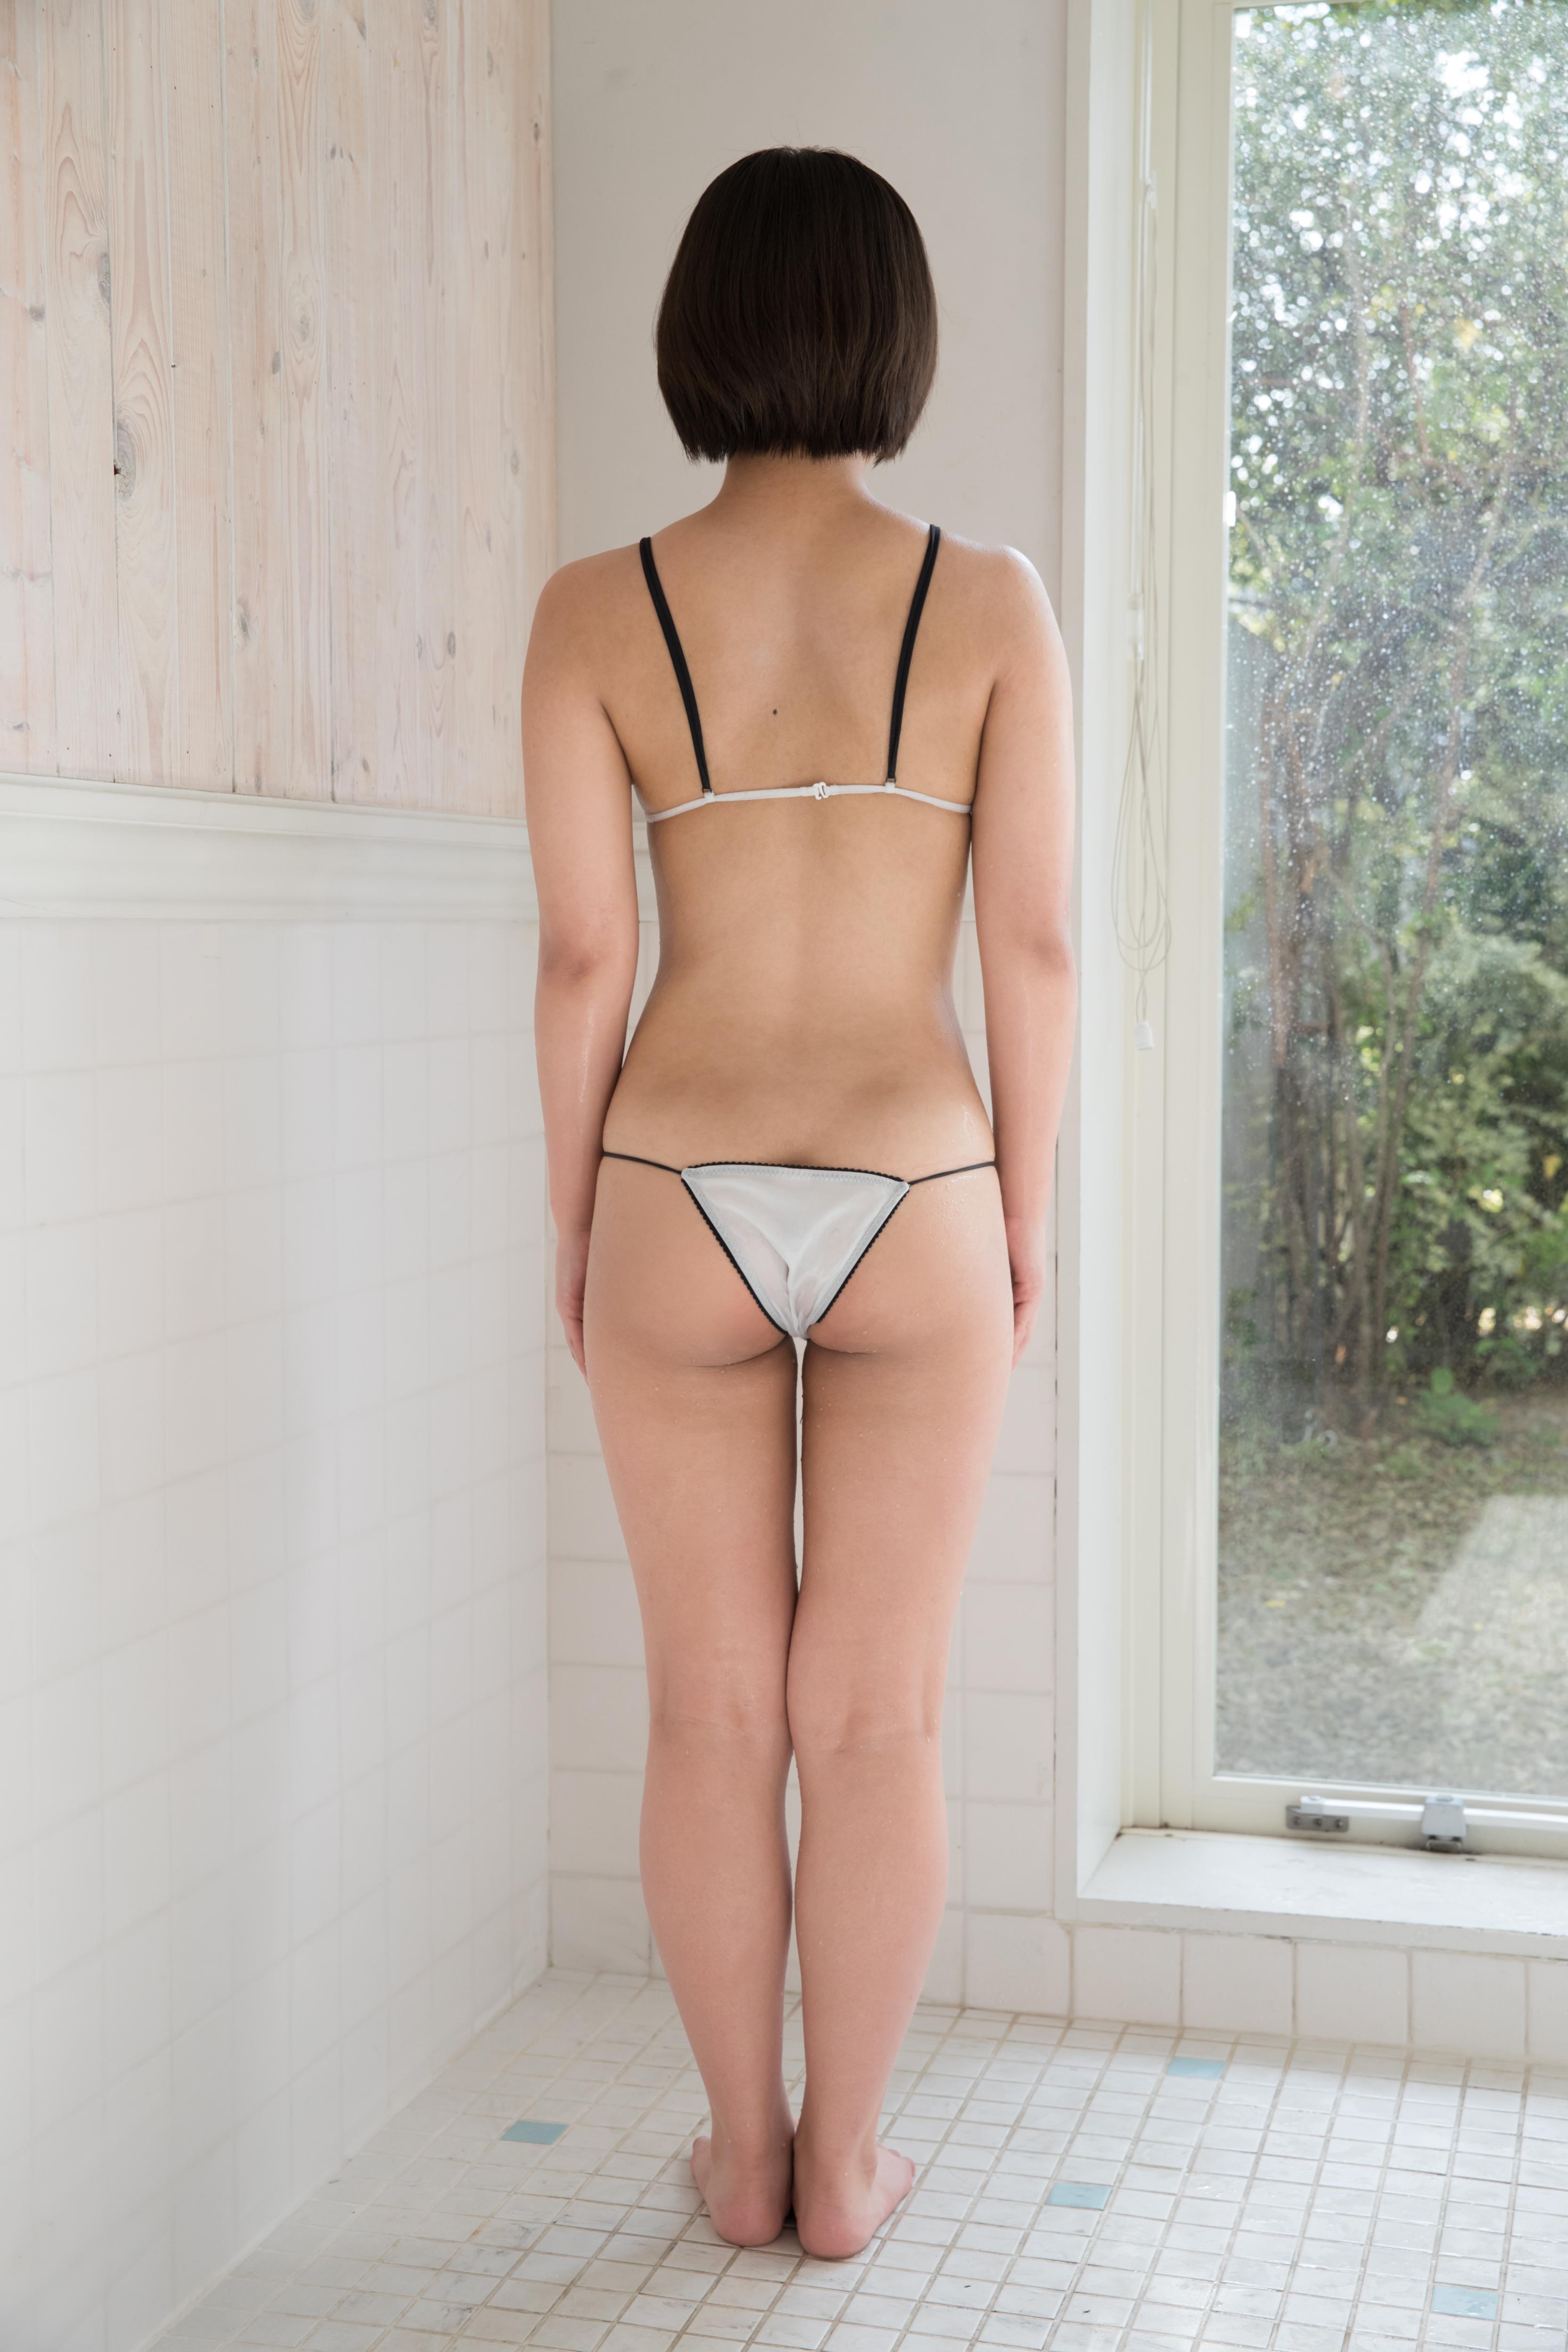 kouzuki anju minisuka 香月りお Anju Kouzuki - Special Gallery 5.4 [Minisuka.tv ...